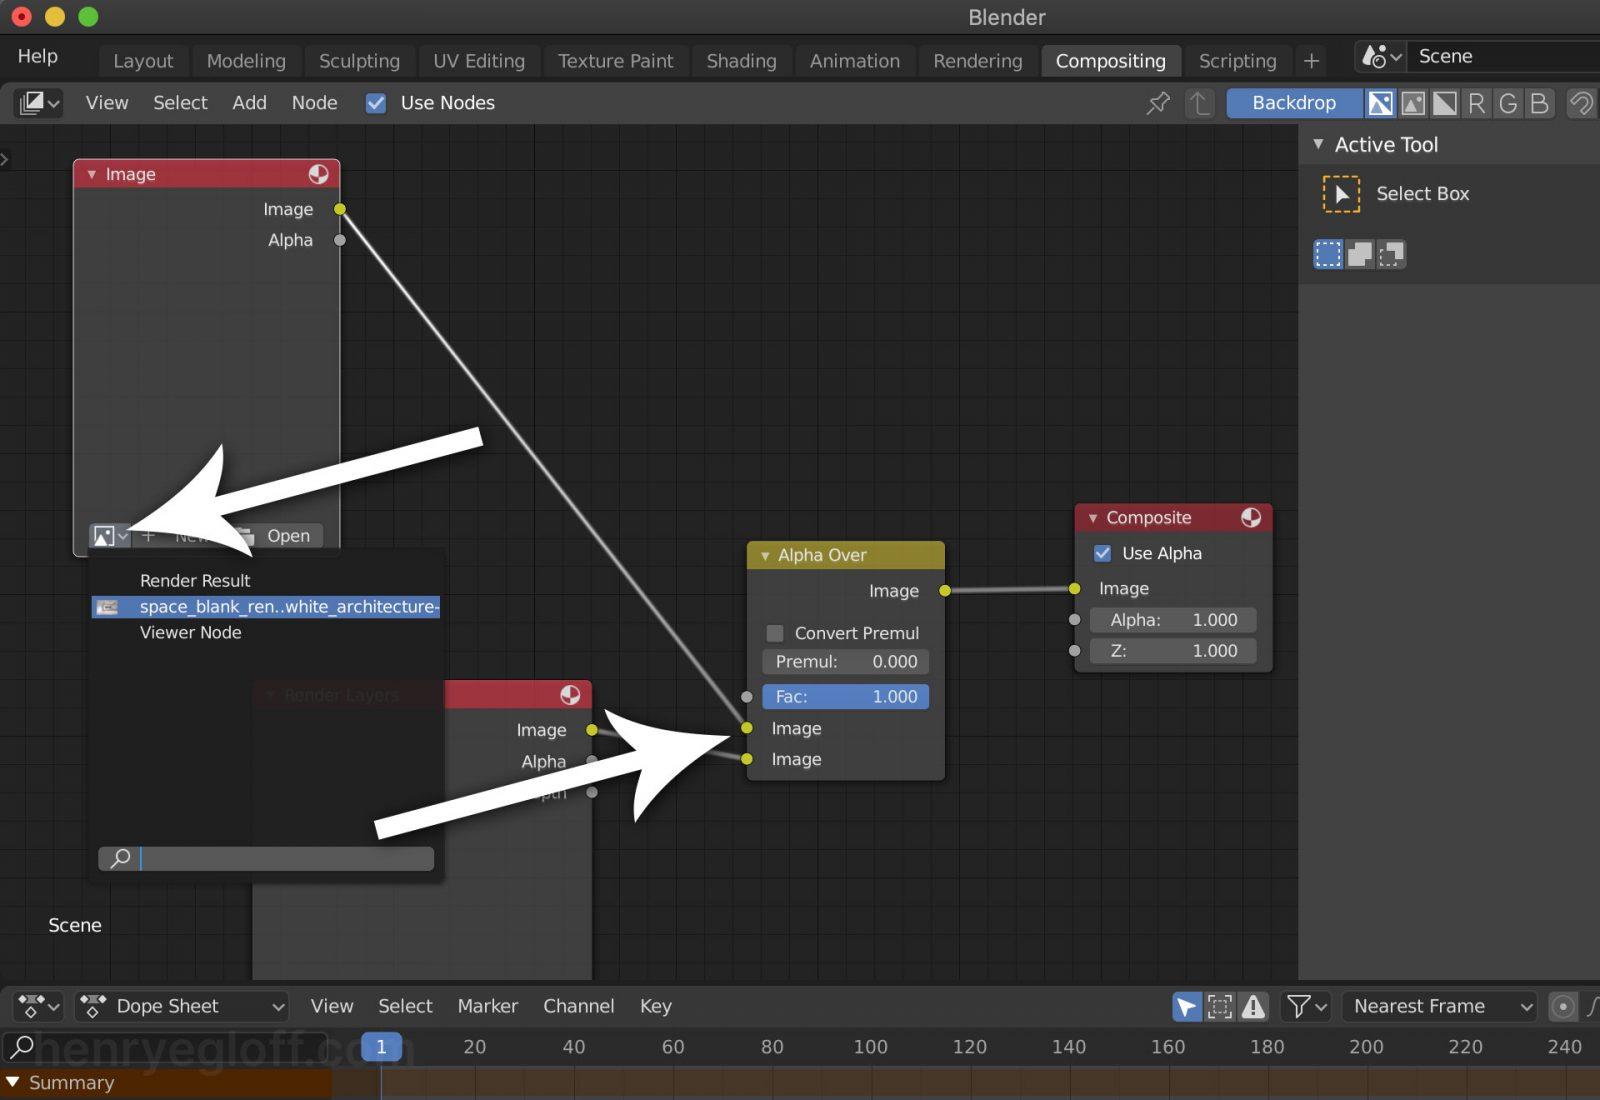 Render a Background Image Using Blender 2.8 - step 14 connect image node